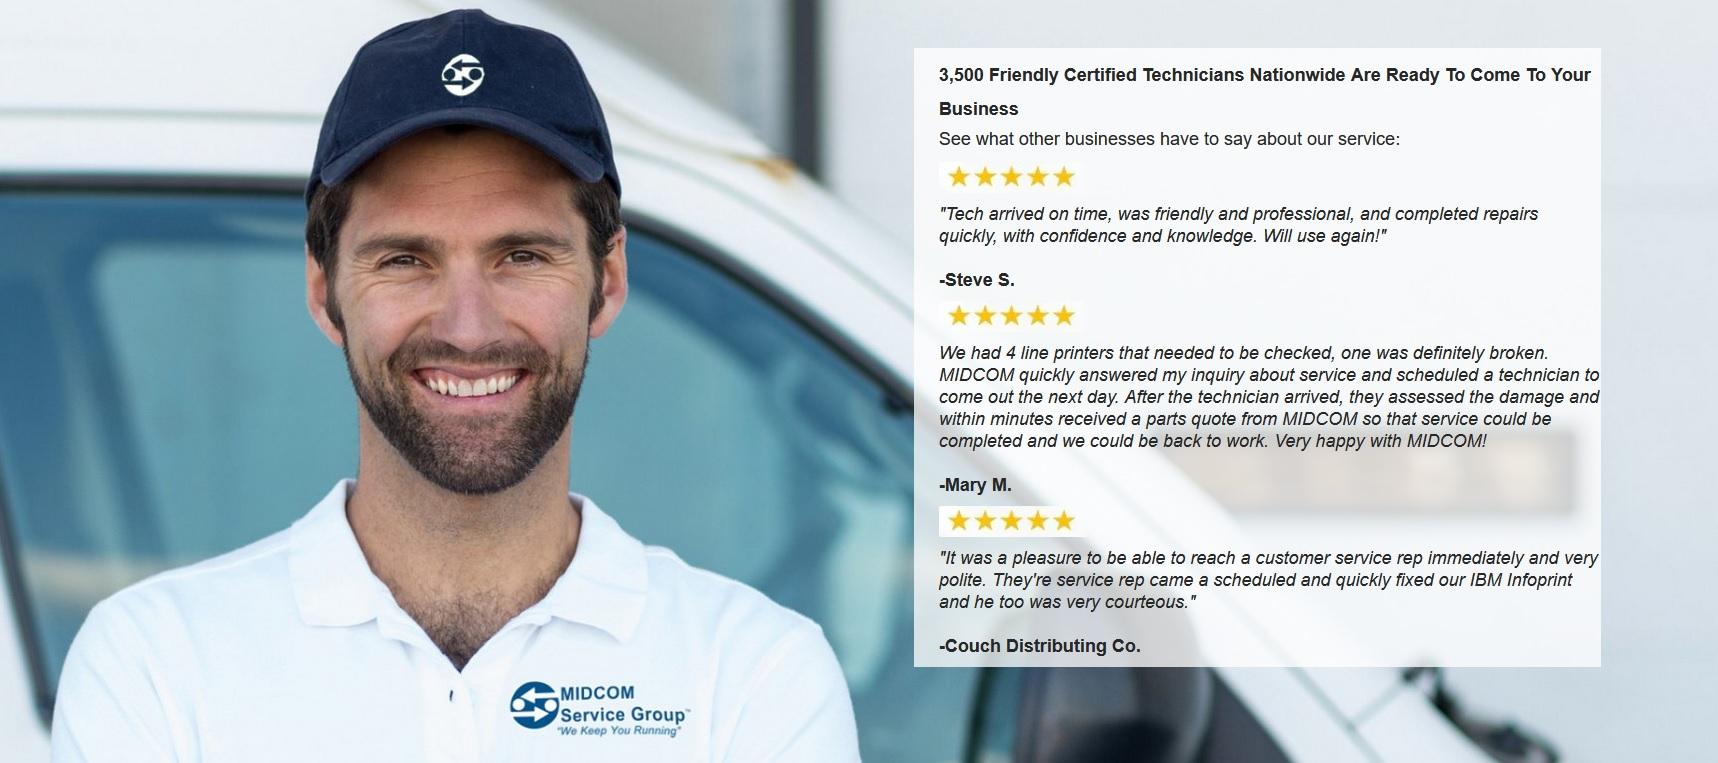 midcom service group reviews